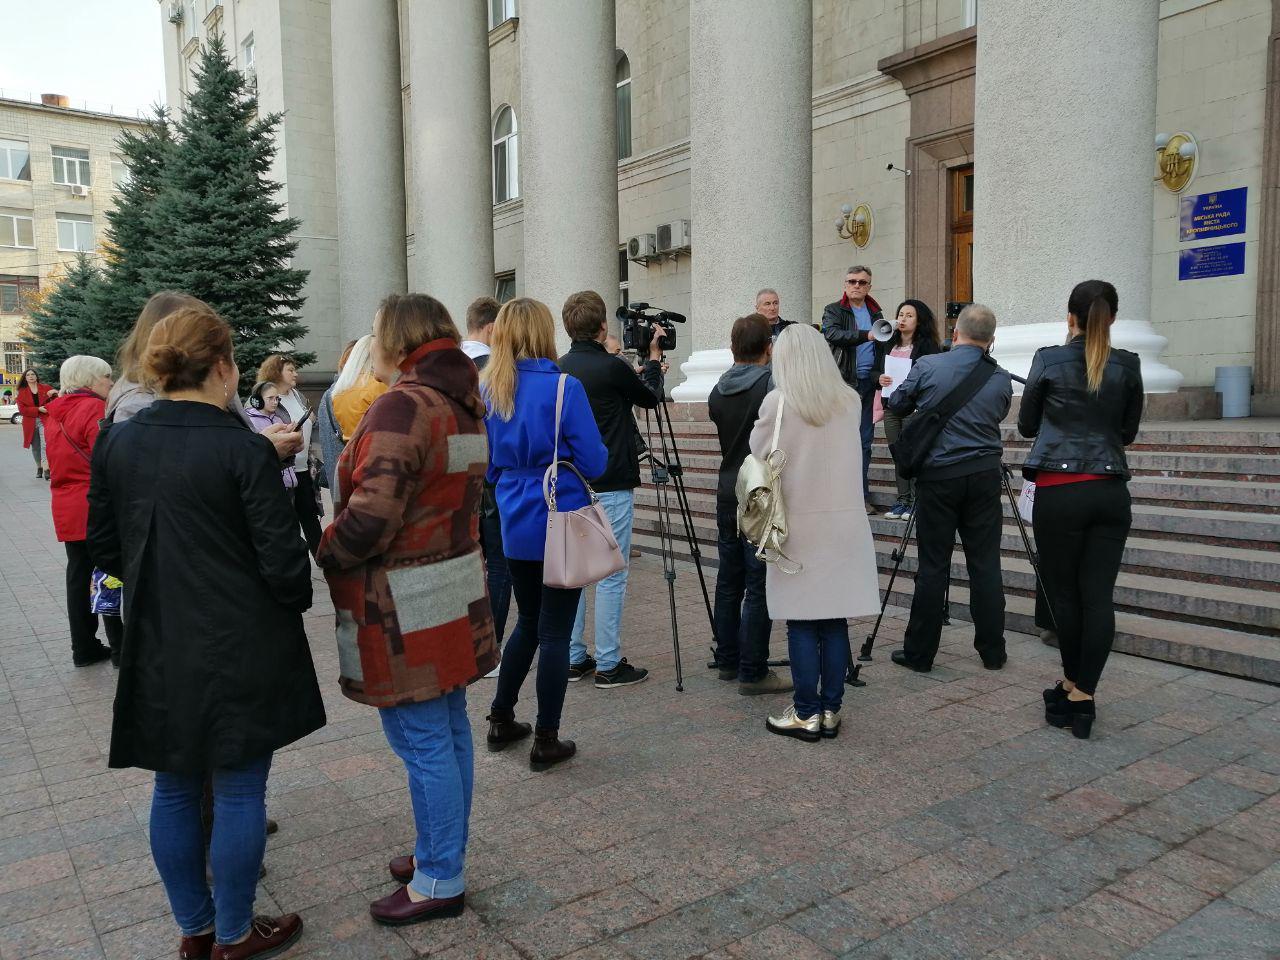 Батьки школярiв та вихованцiв дитсадкiв мiтингували у Кропивницькому (ФОТО)